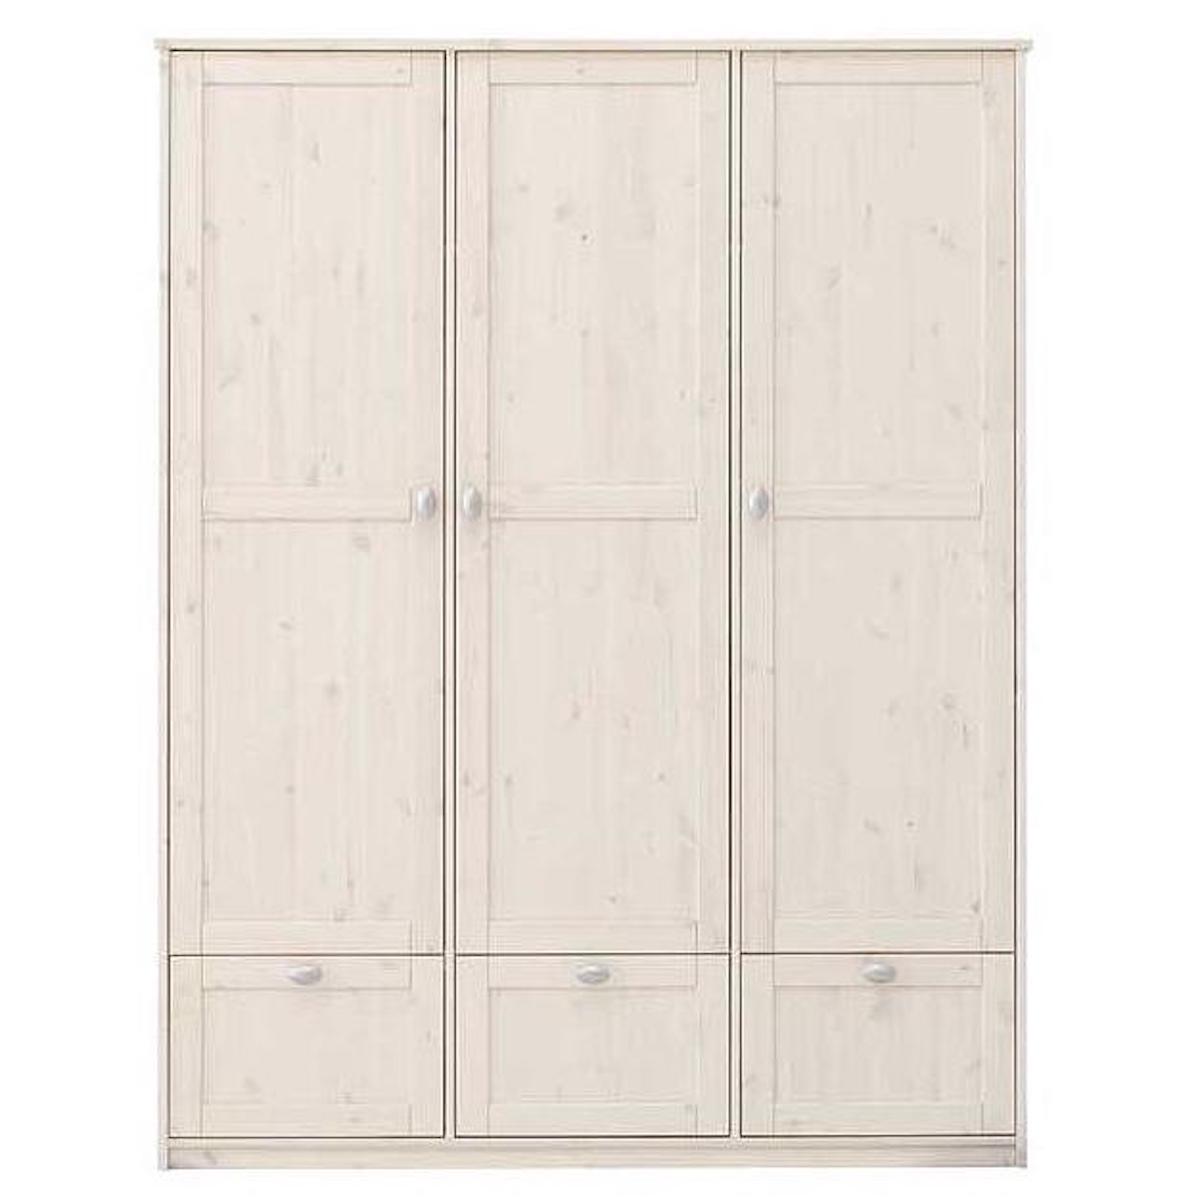 Armoire 3 portes-3 tiroirs 154cm Lifetime blanchi